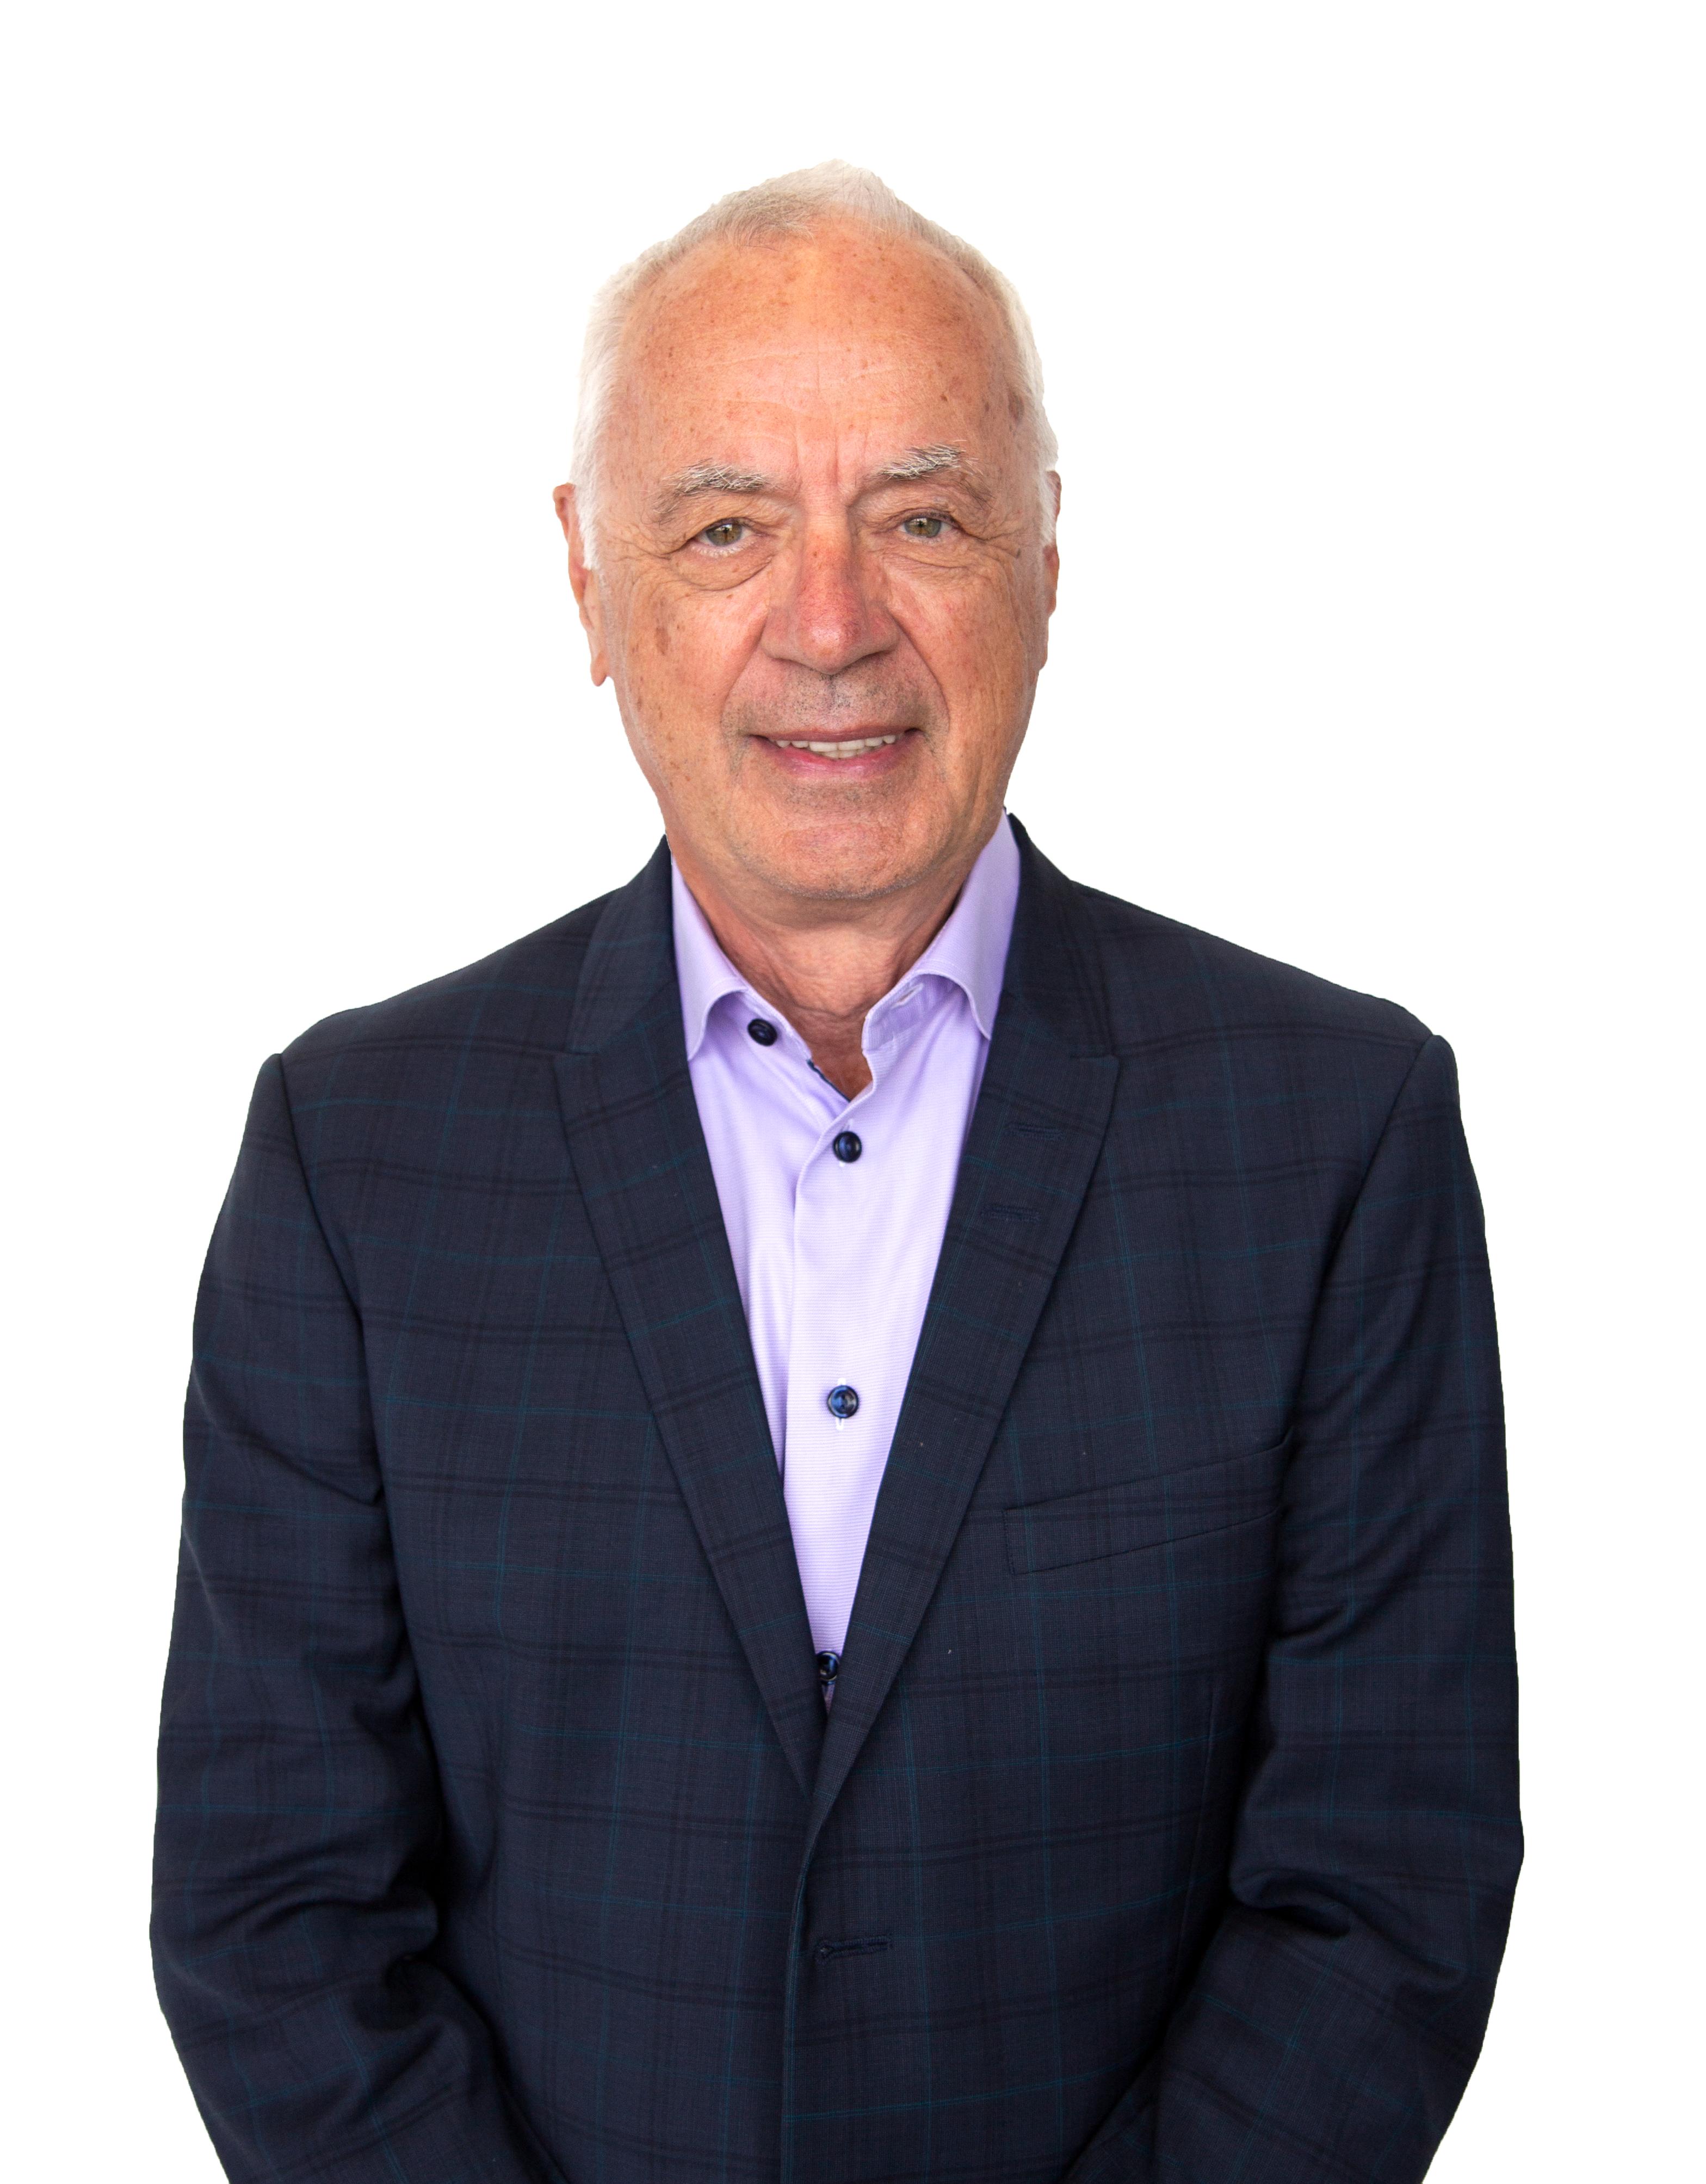 Jacques Levesque